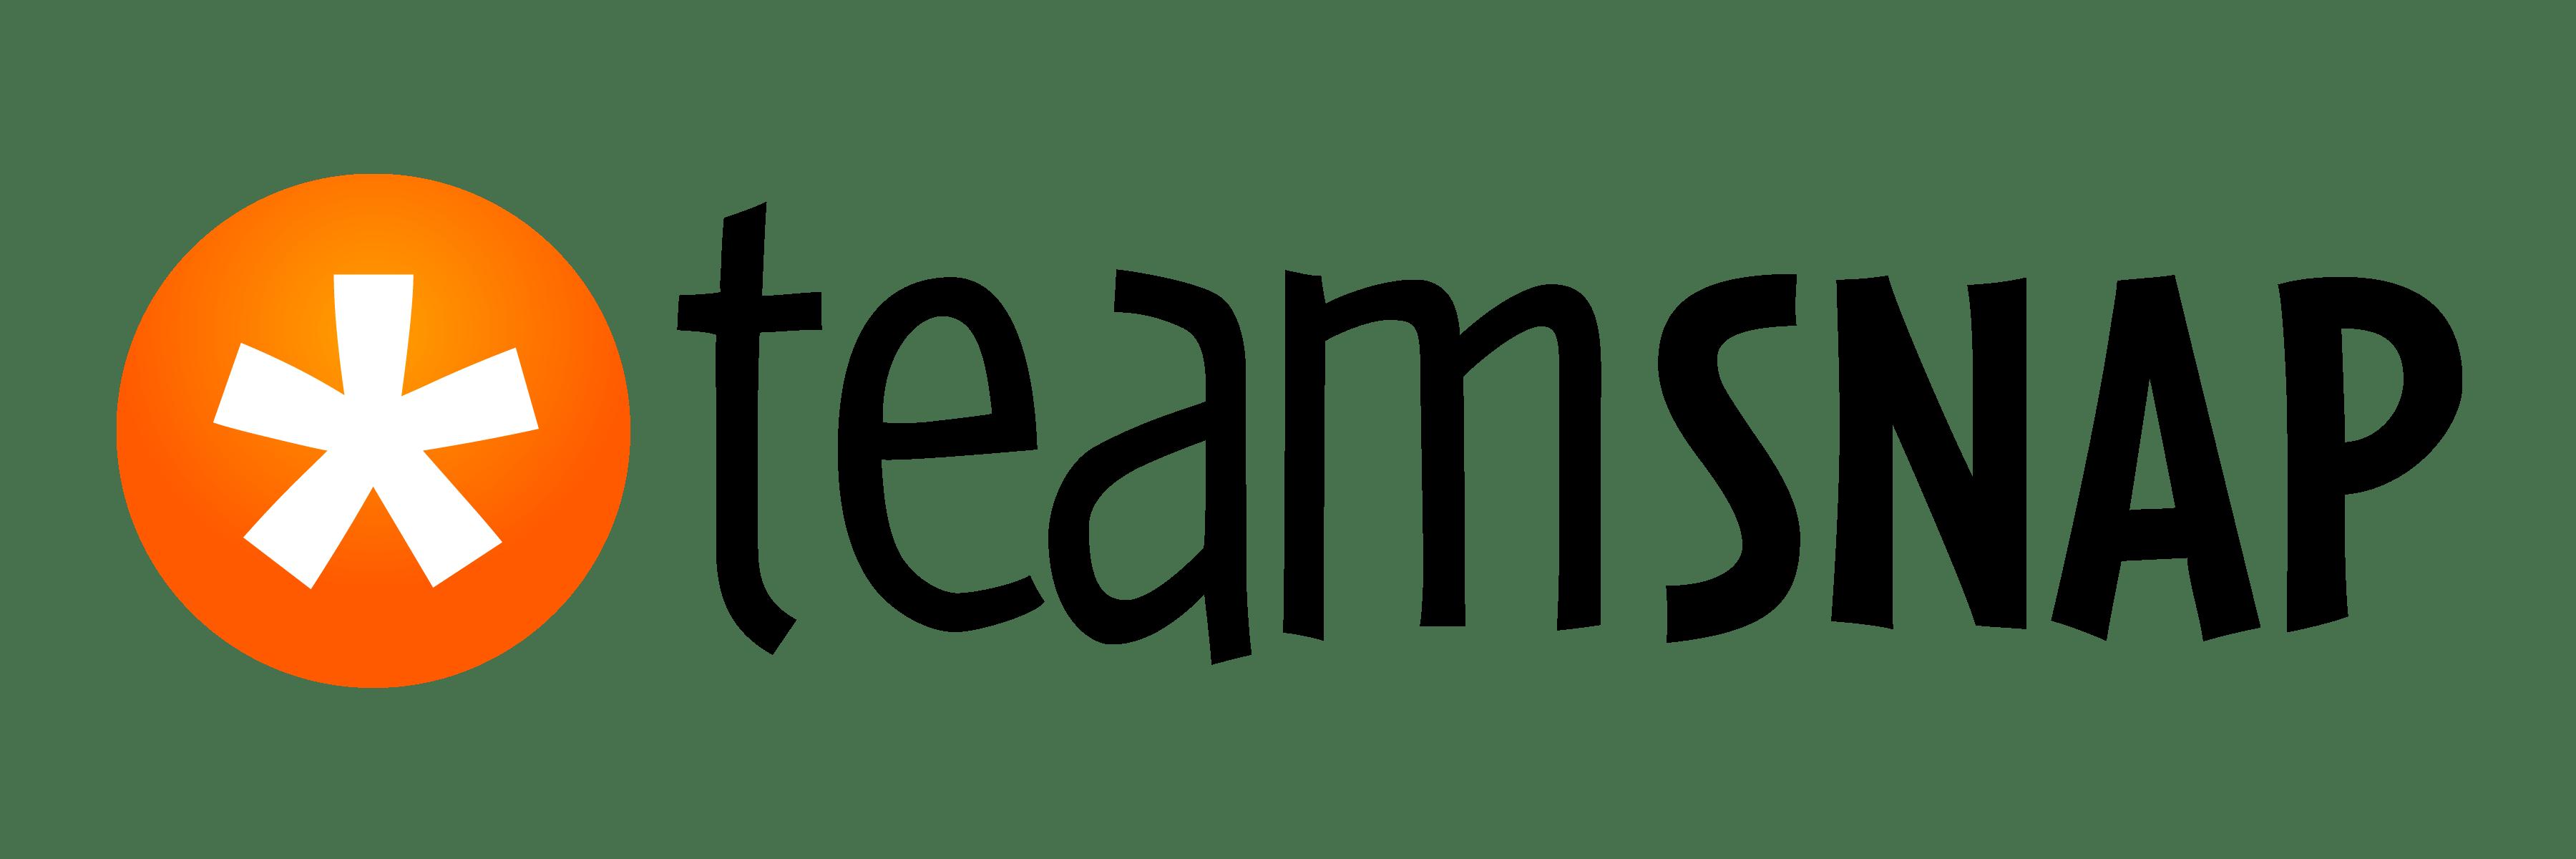 TeamSnap company logo